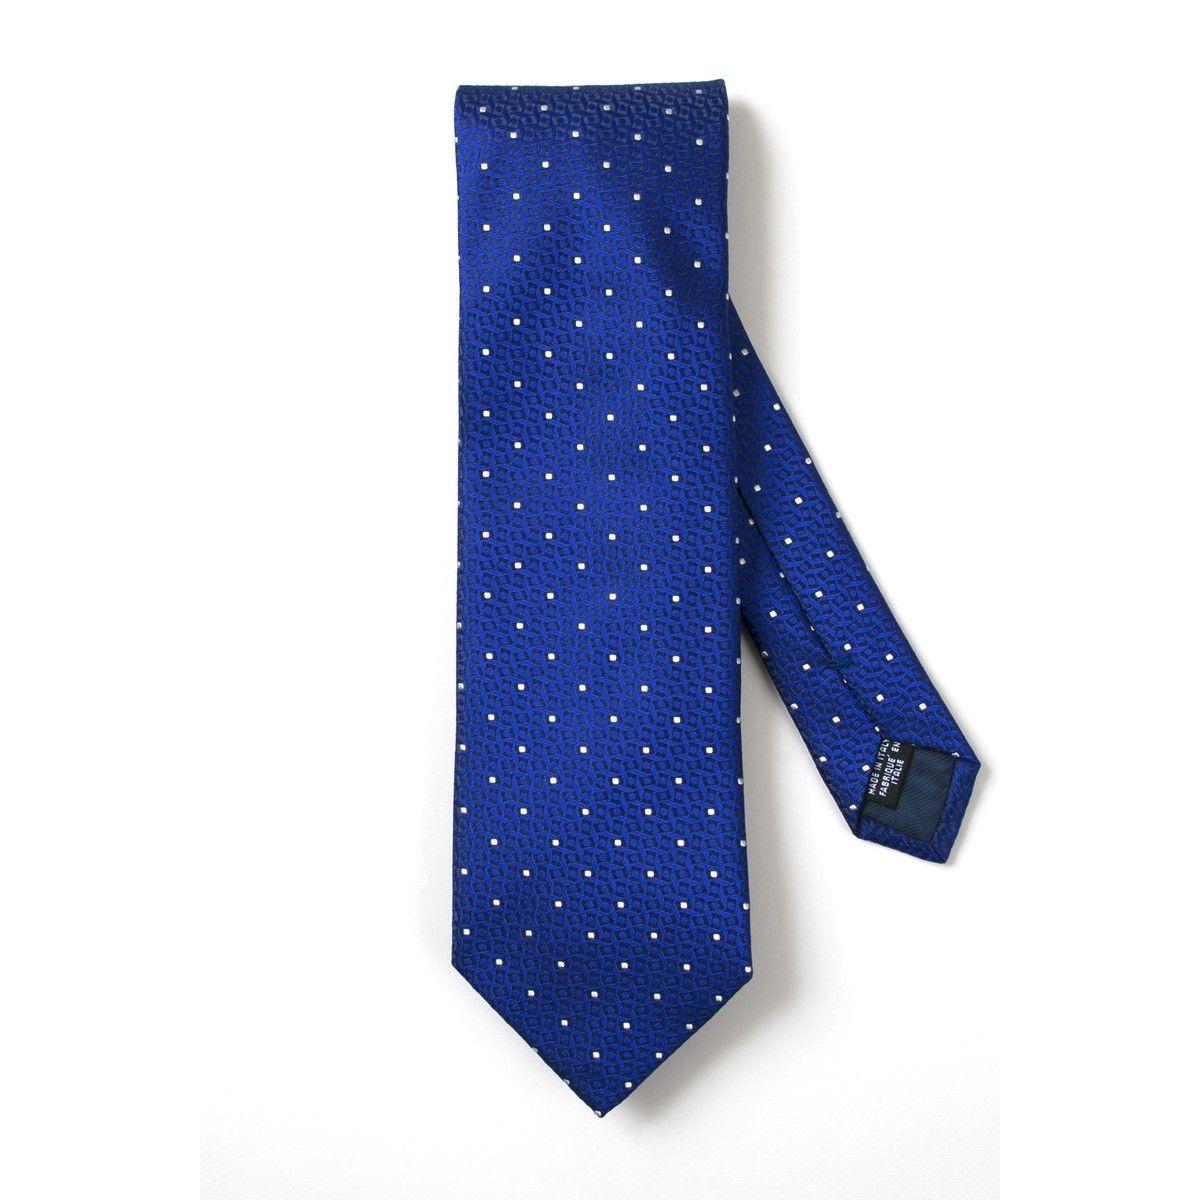 Cravate soie pois blancs